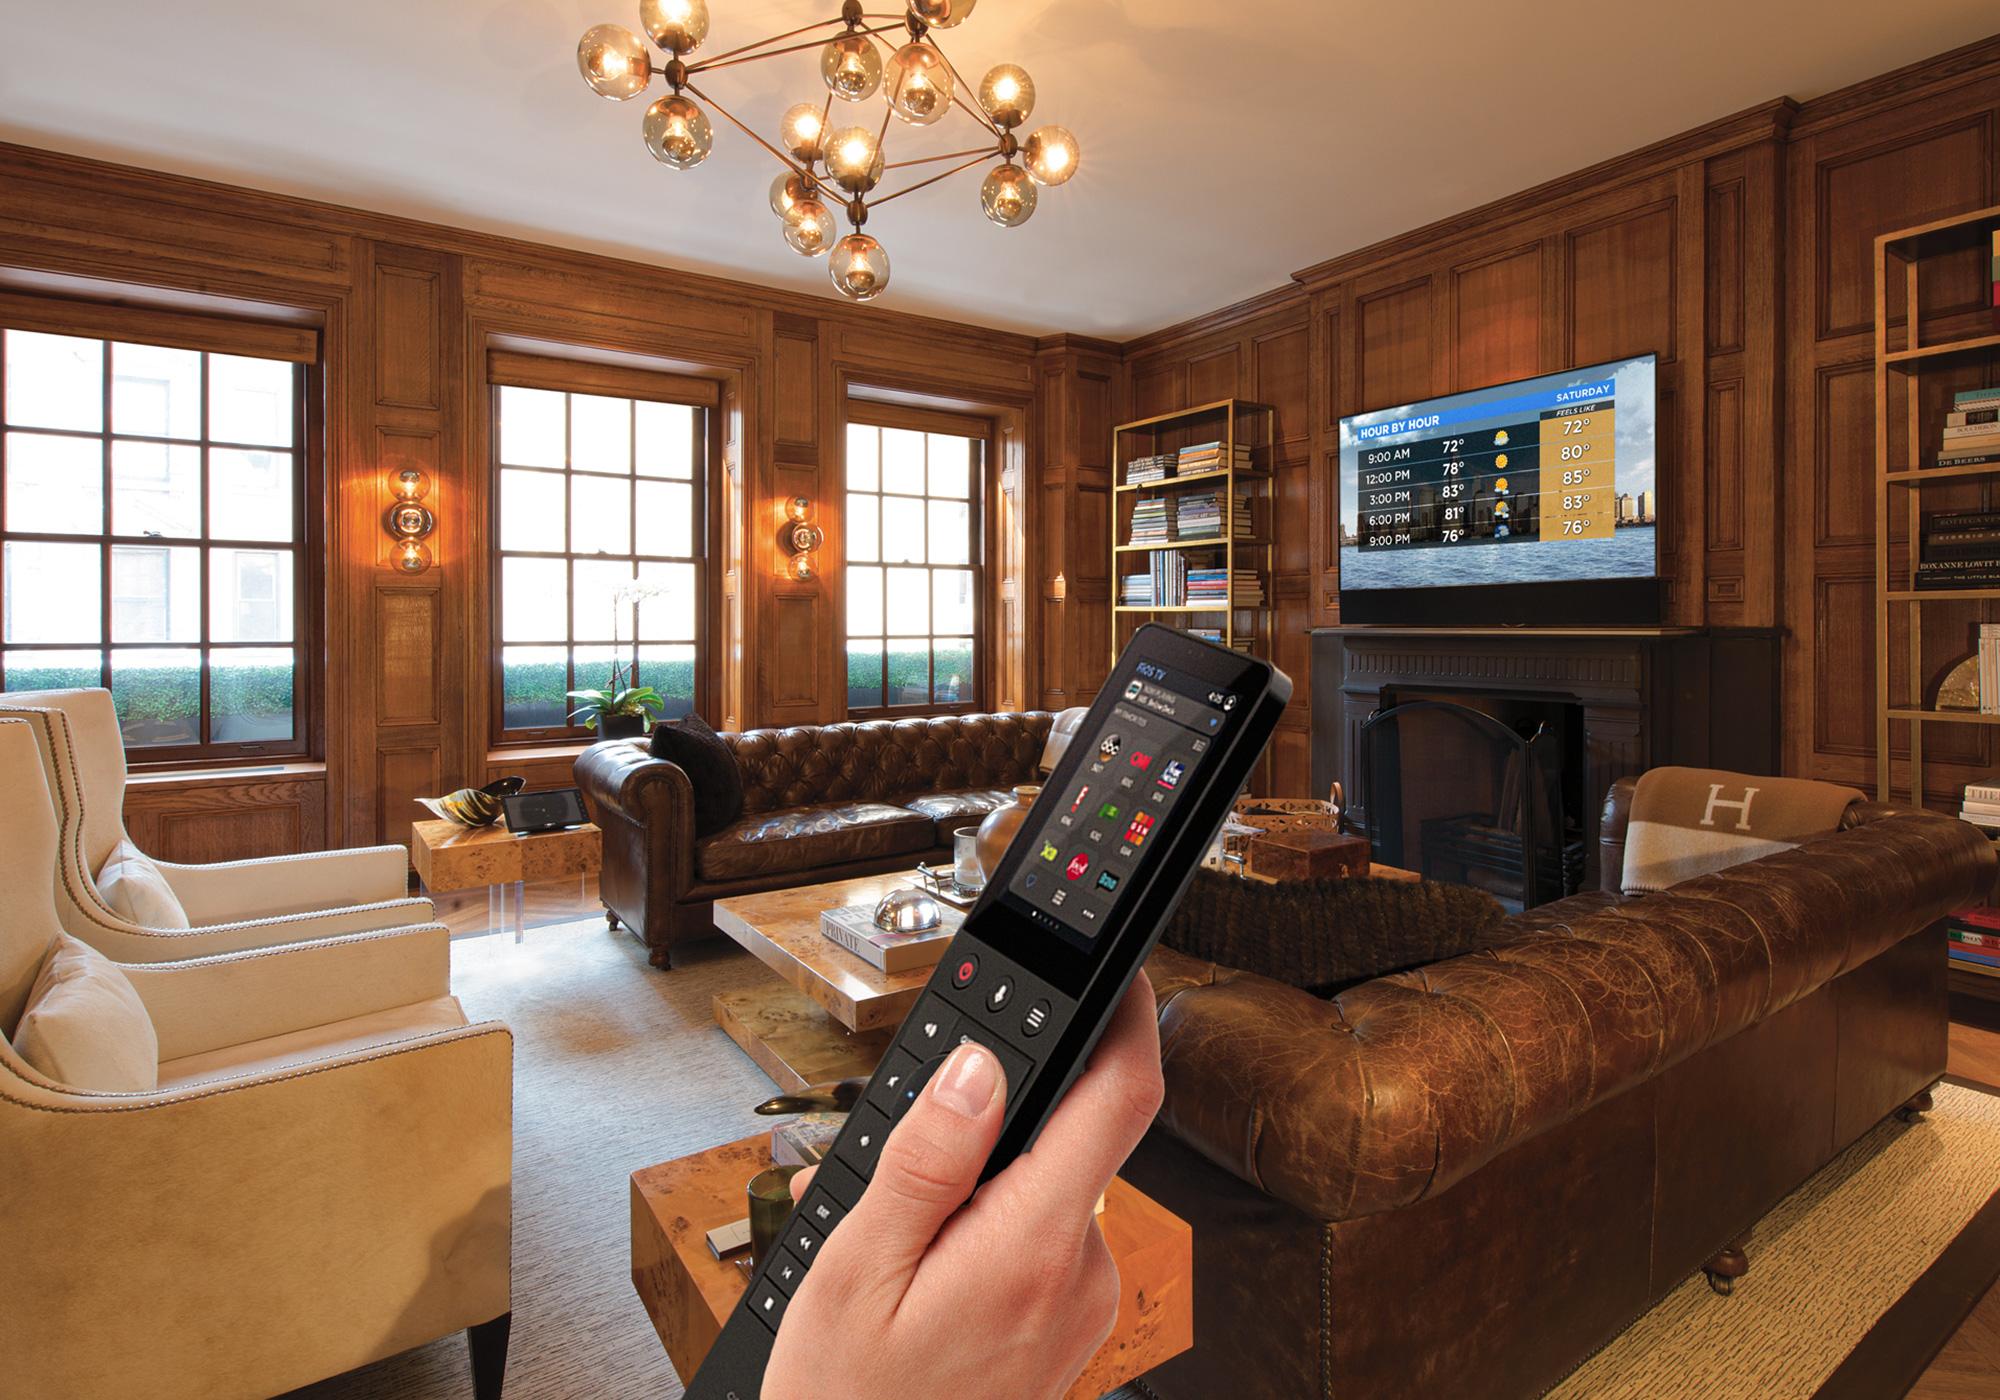 Living Room, Media Room, Library, TV, Soundbar, handheld remote, shades, solar shades